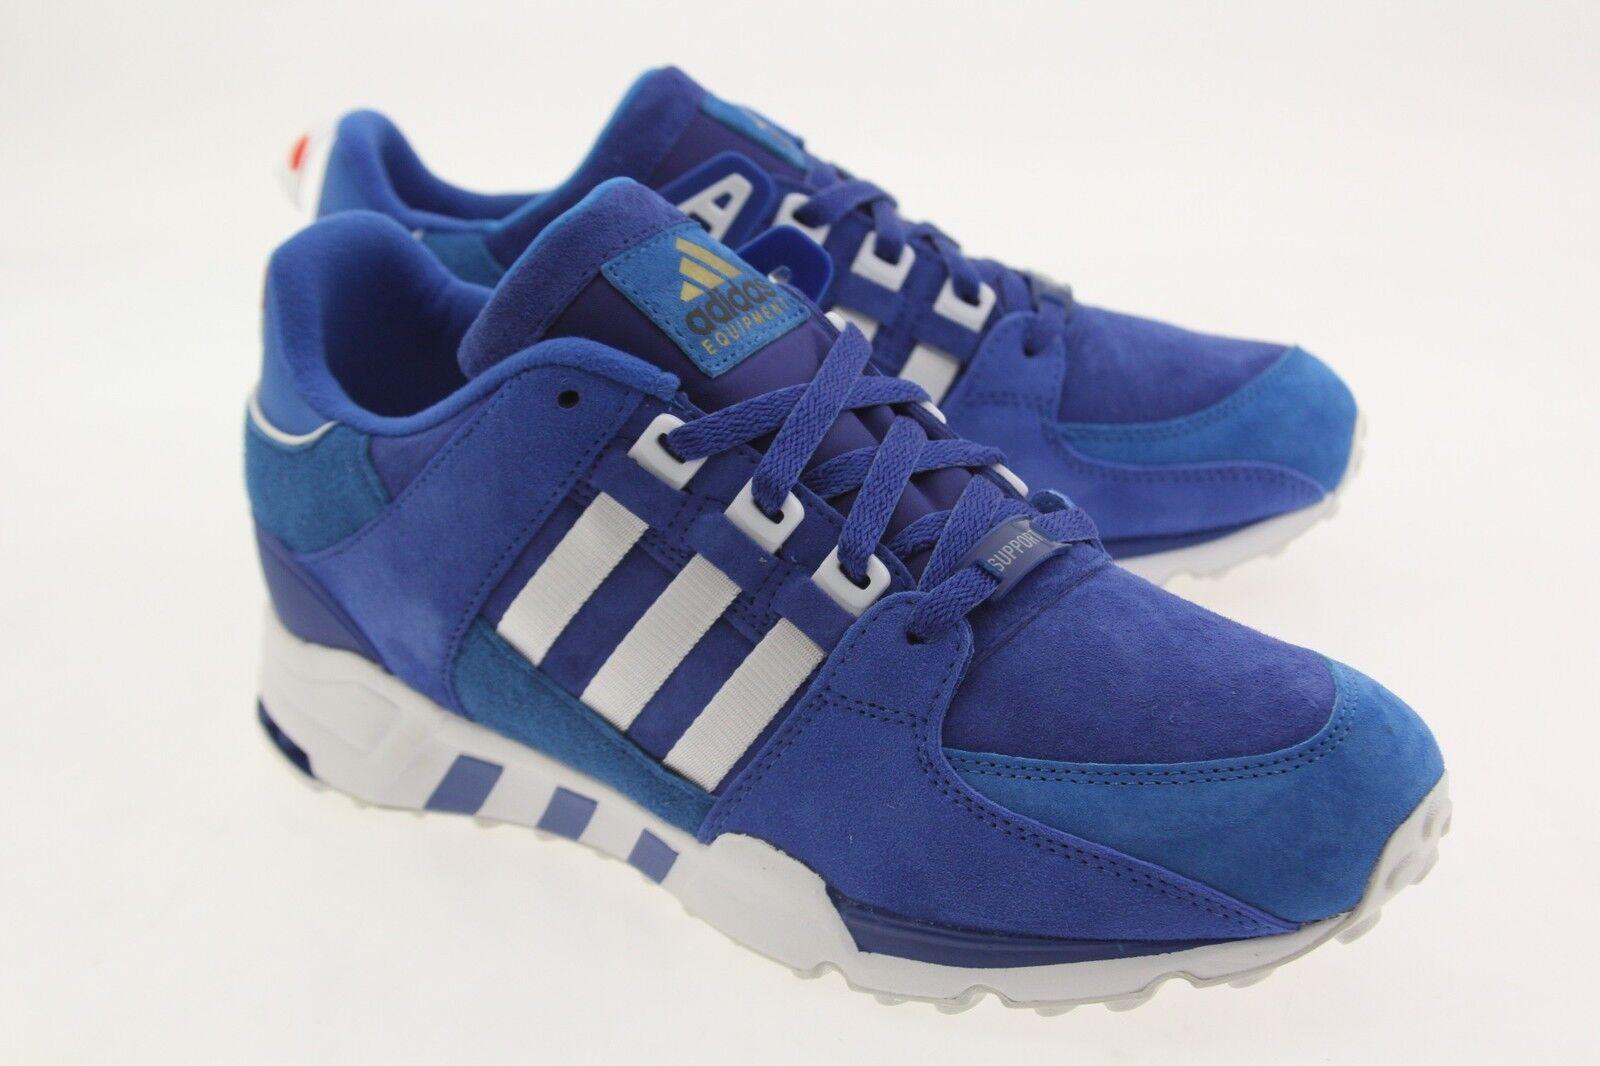 Adidas hommes EQT Running Support 93 - Tokyo  Bleu  collegiate royal  Bleu bird  Blanc  B